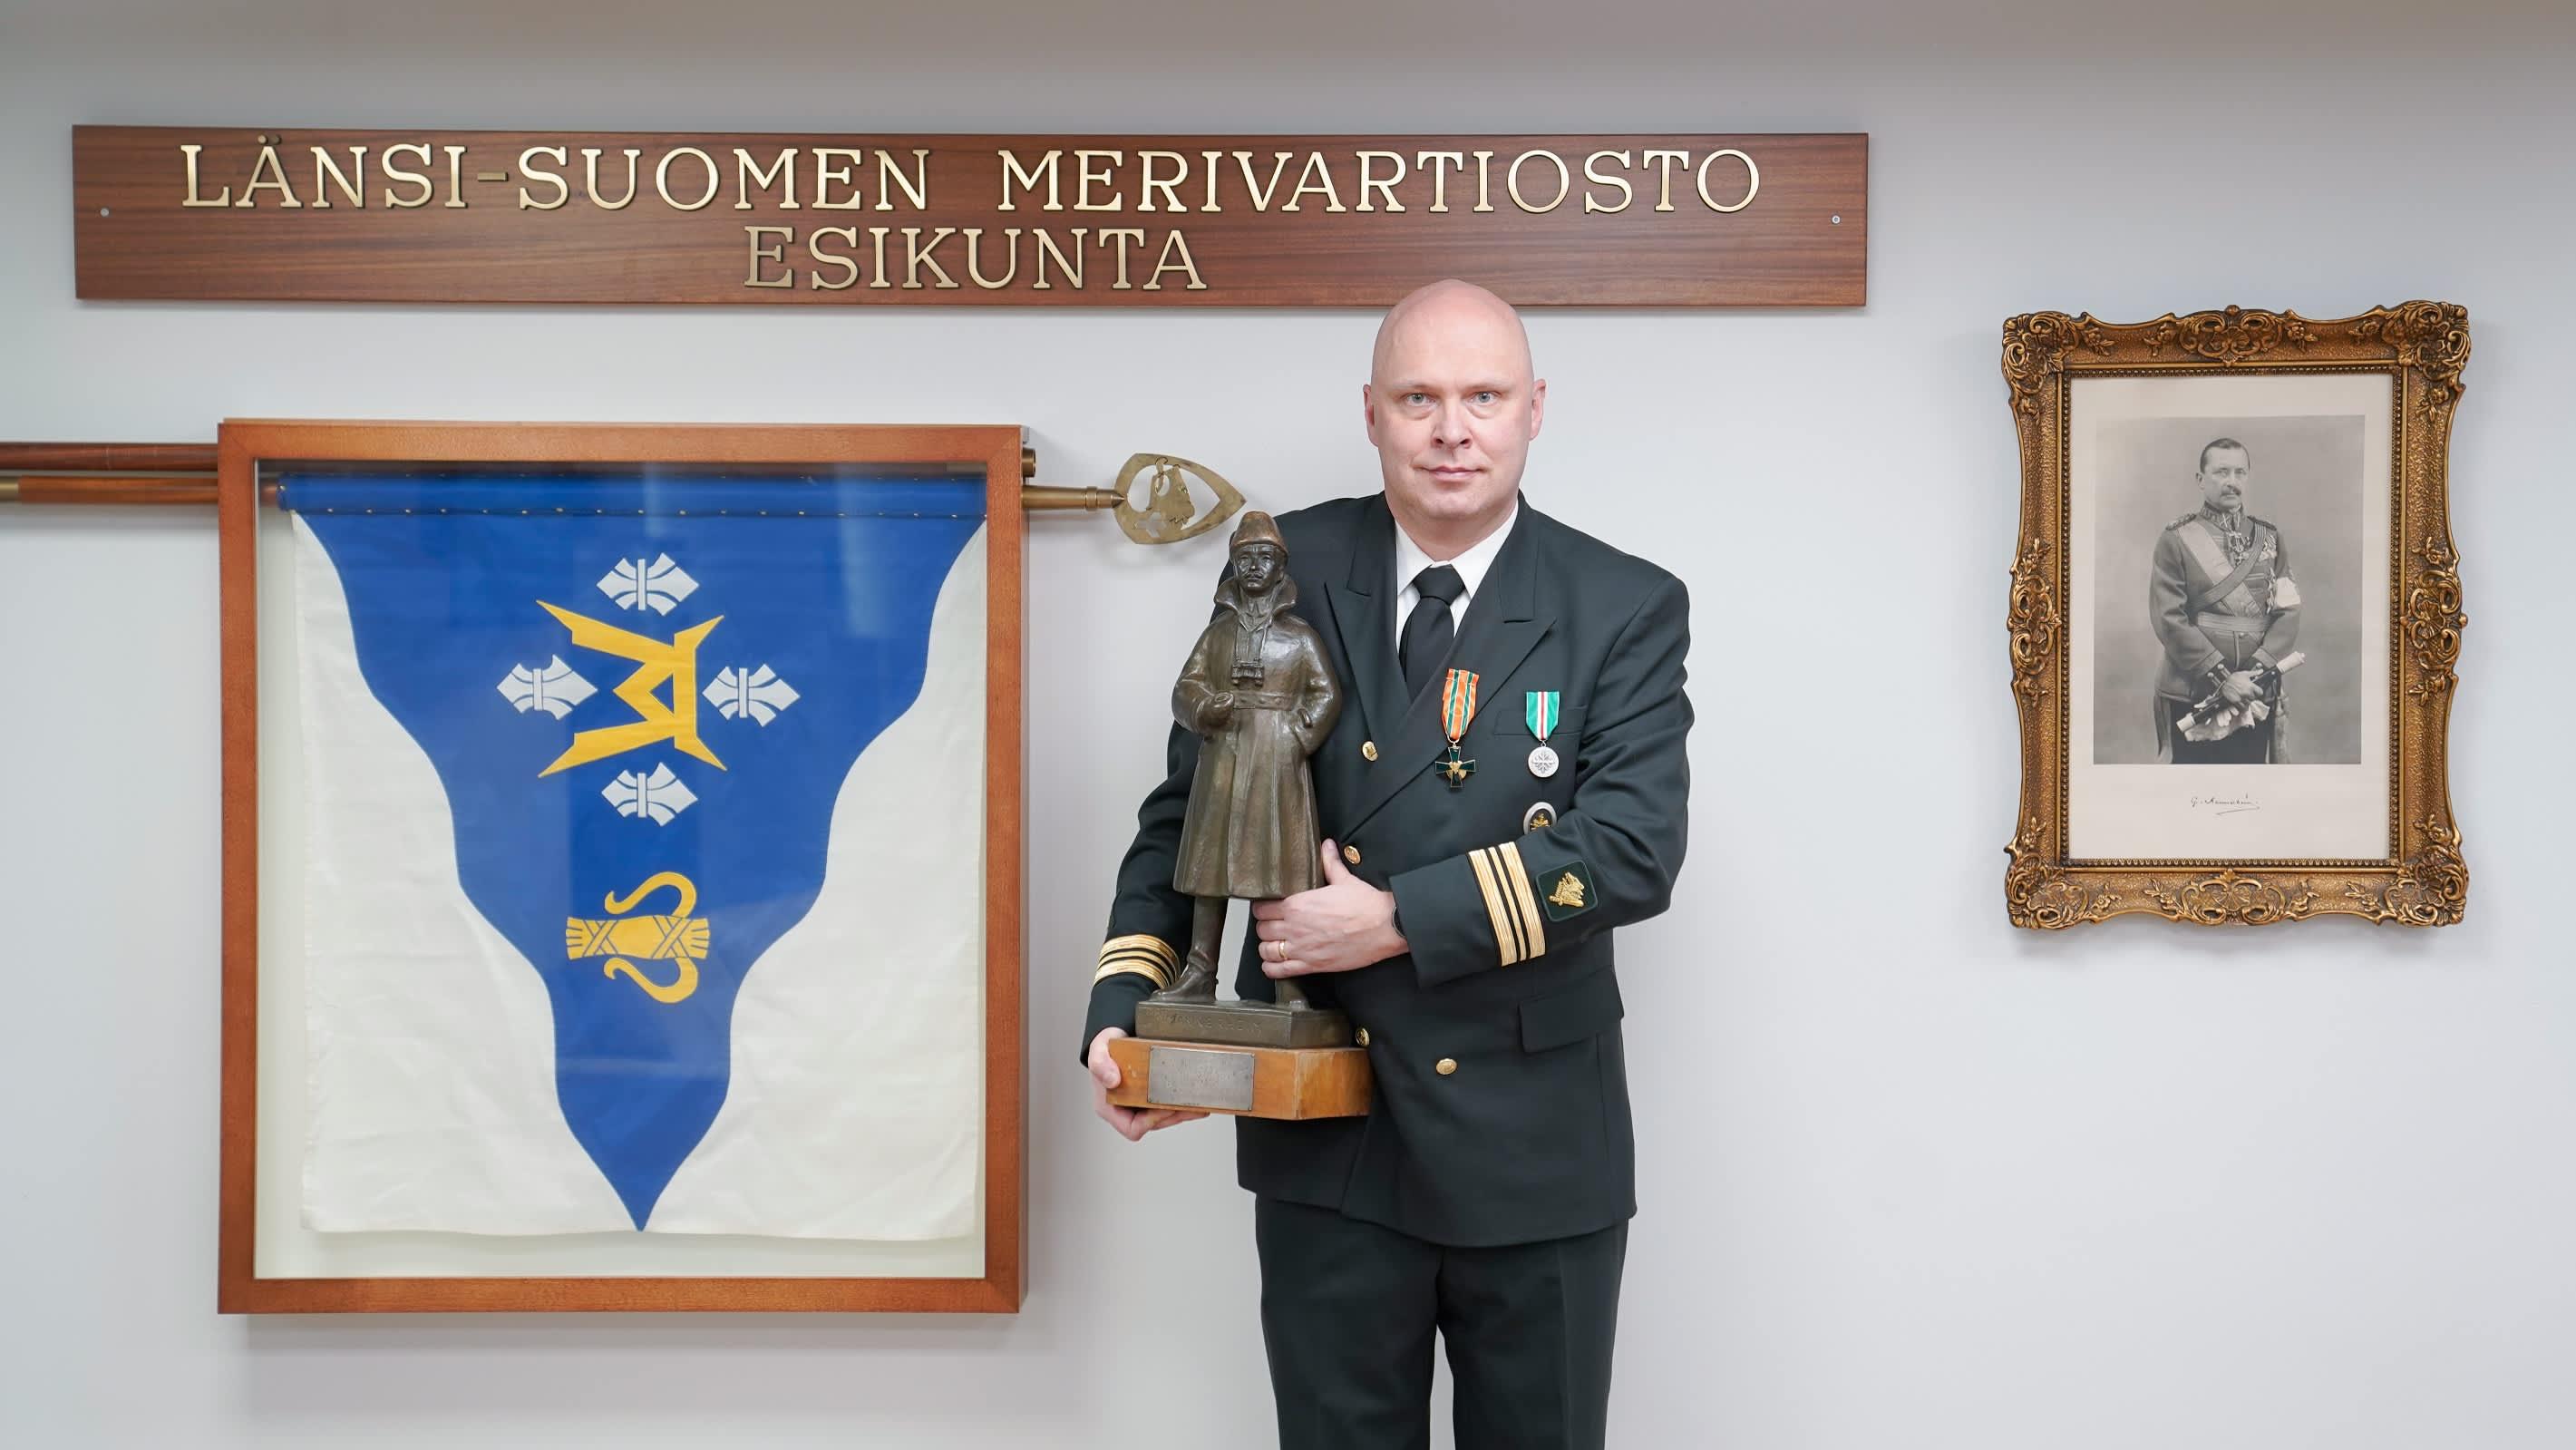 Vuoden 2020 rajamies kapteeniluutnantti Janne Isometsä.